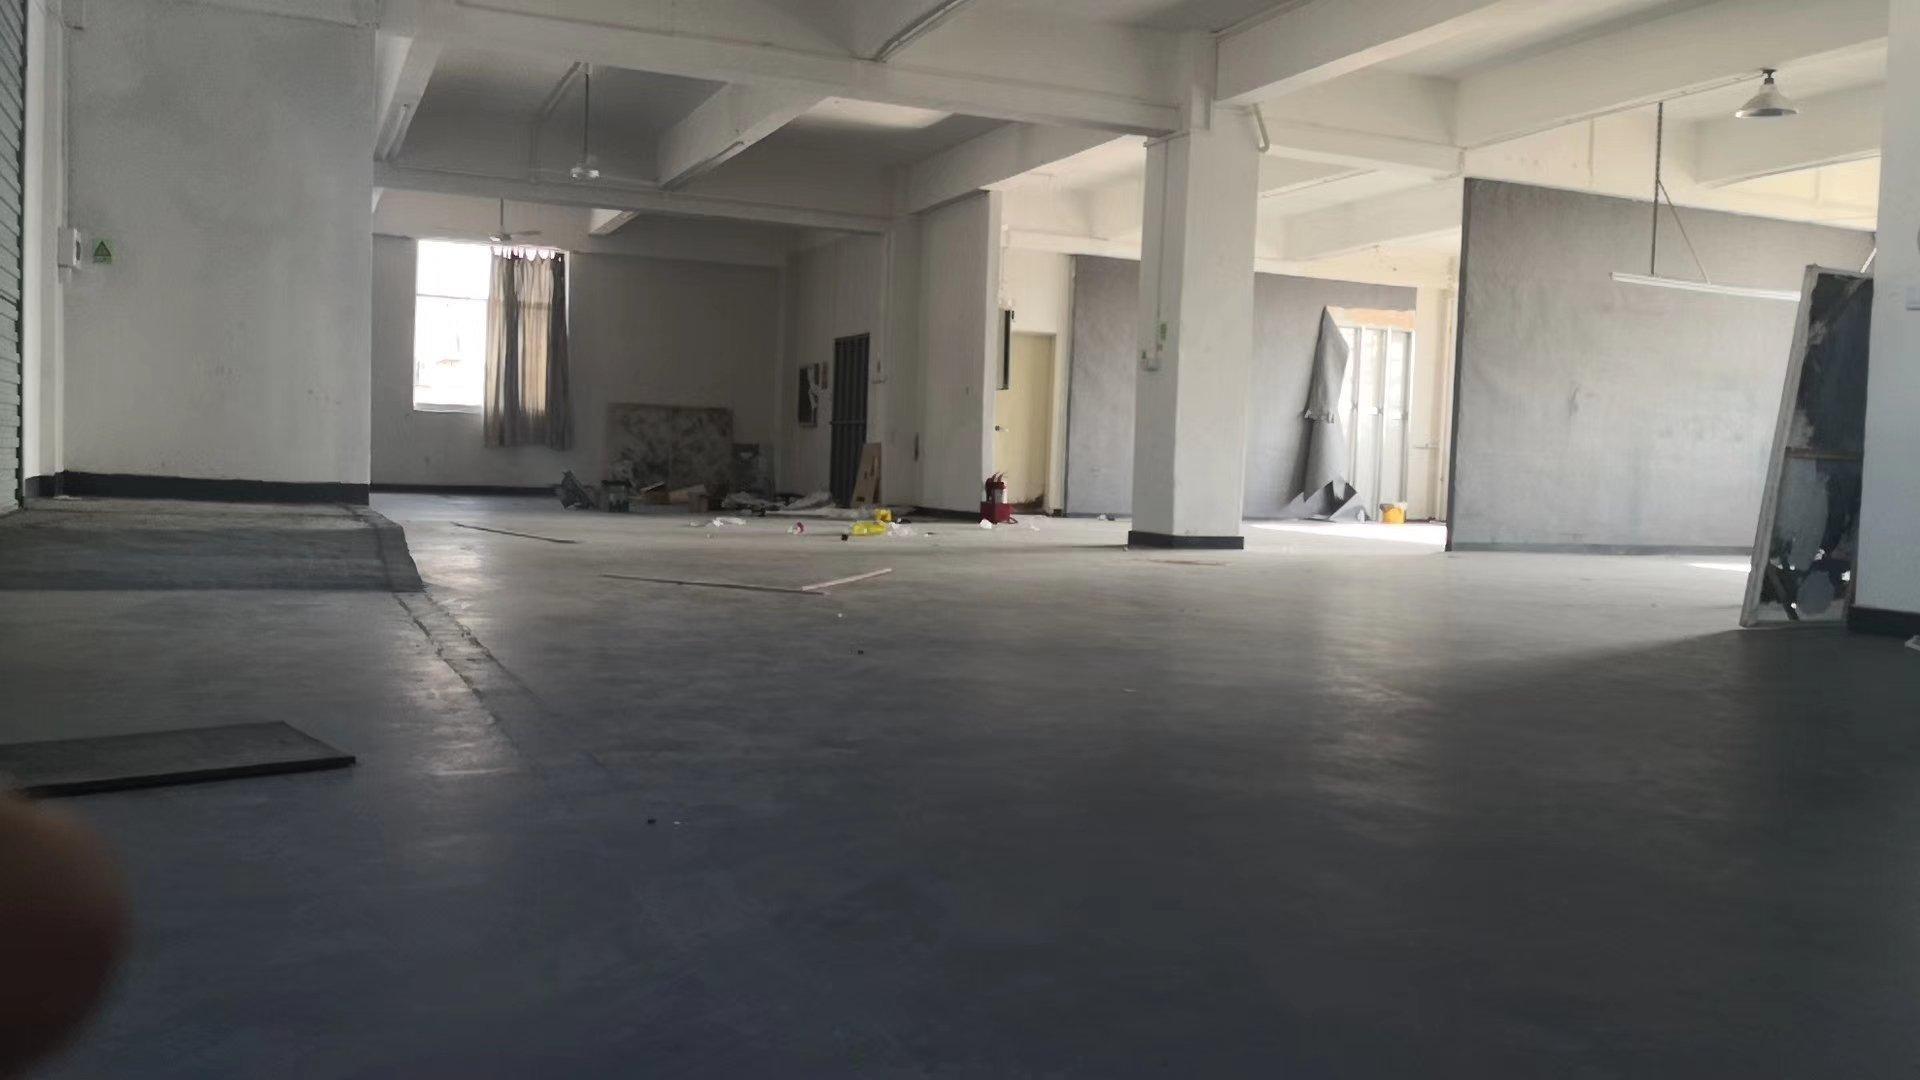 坪地楼上700平方厂房出租带装修地坪漆